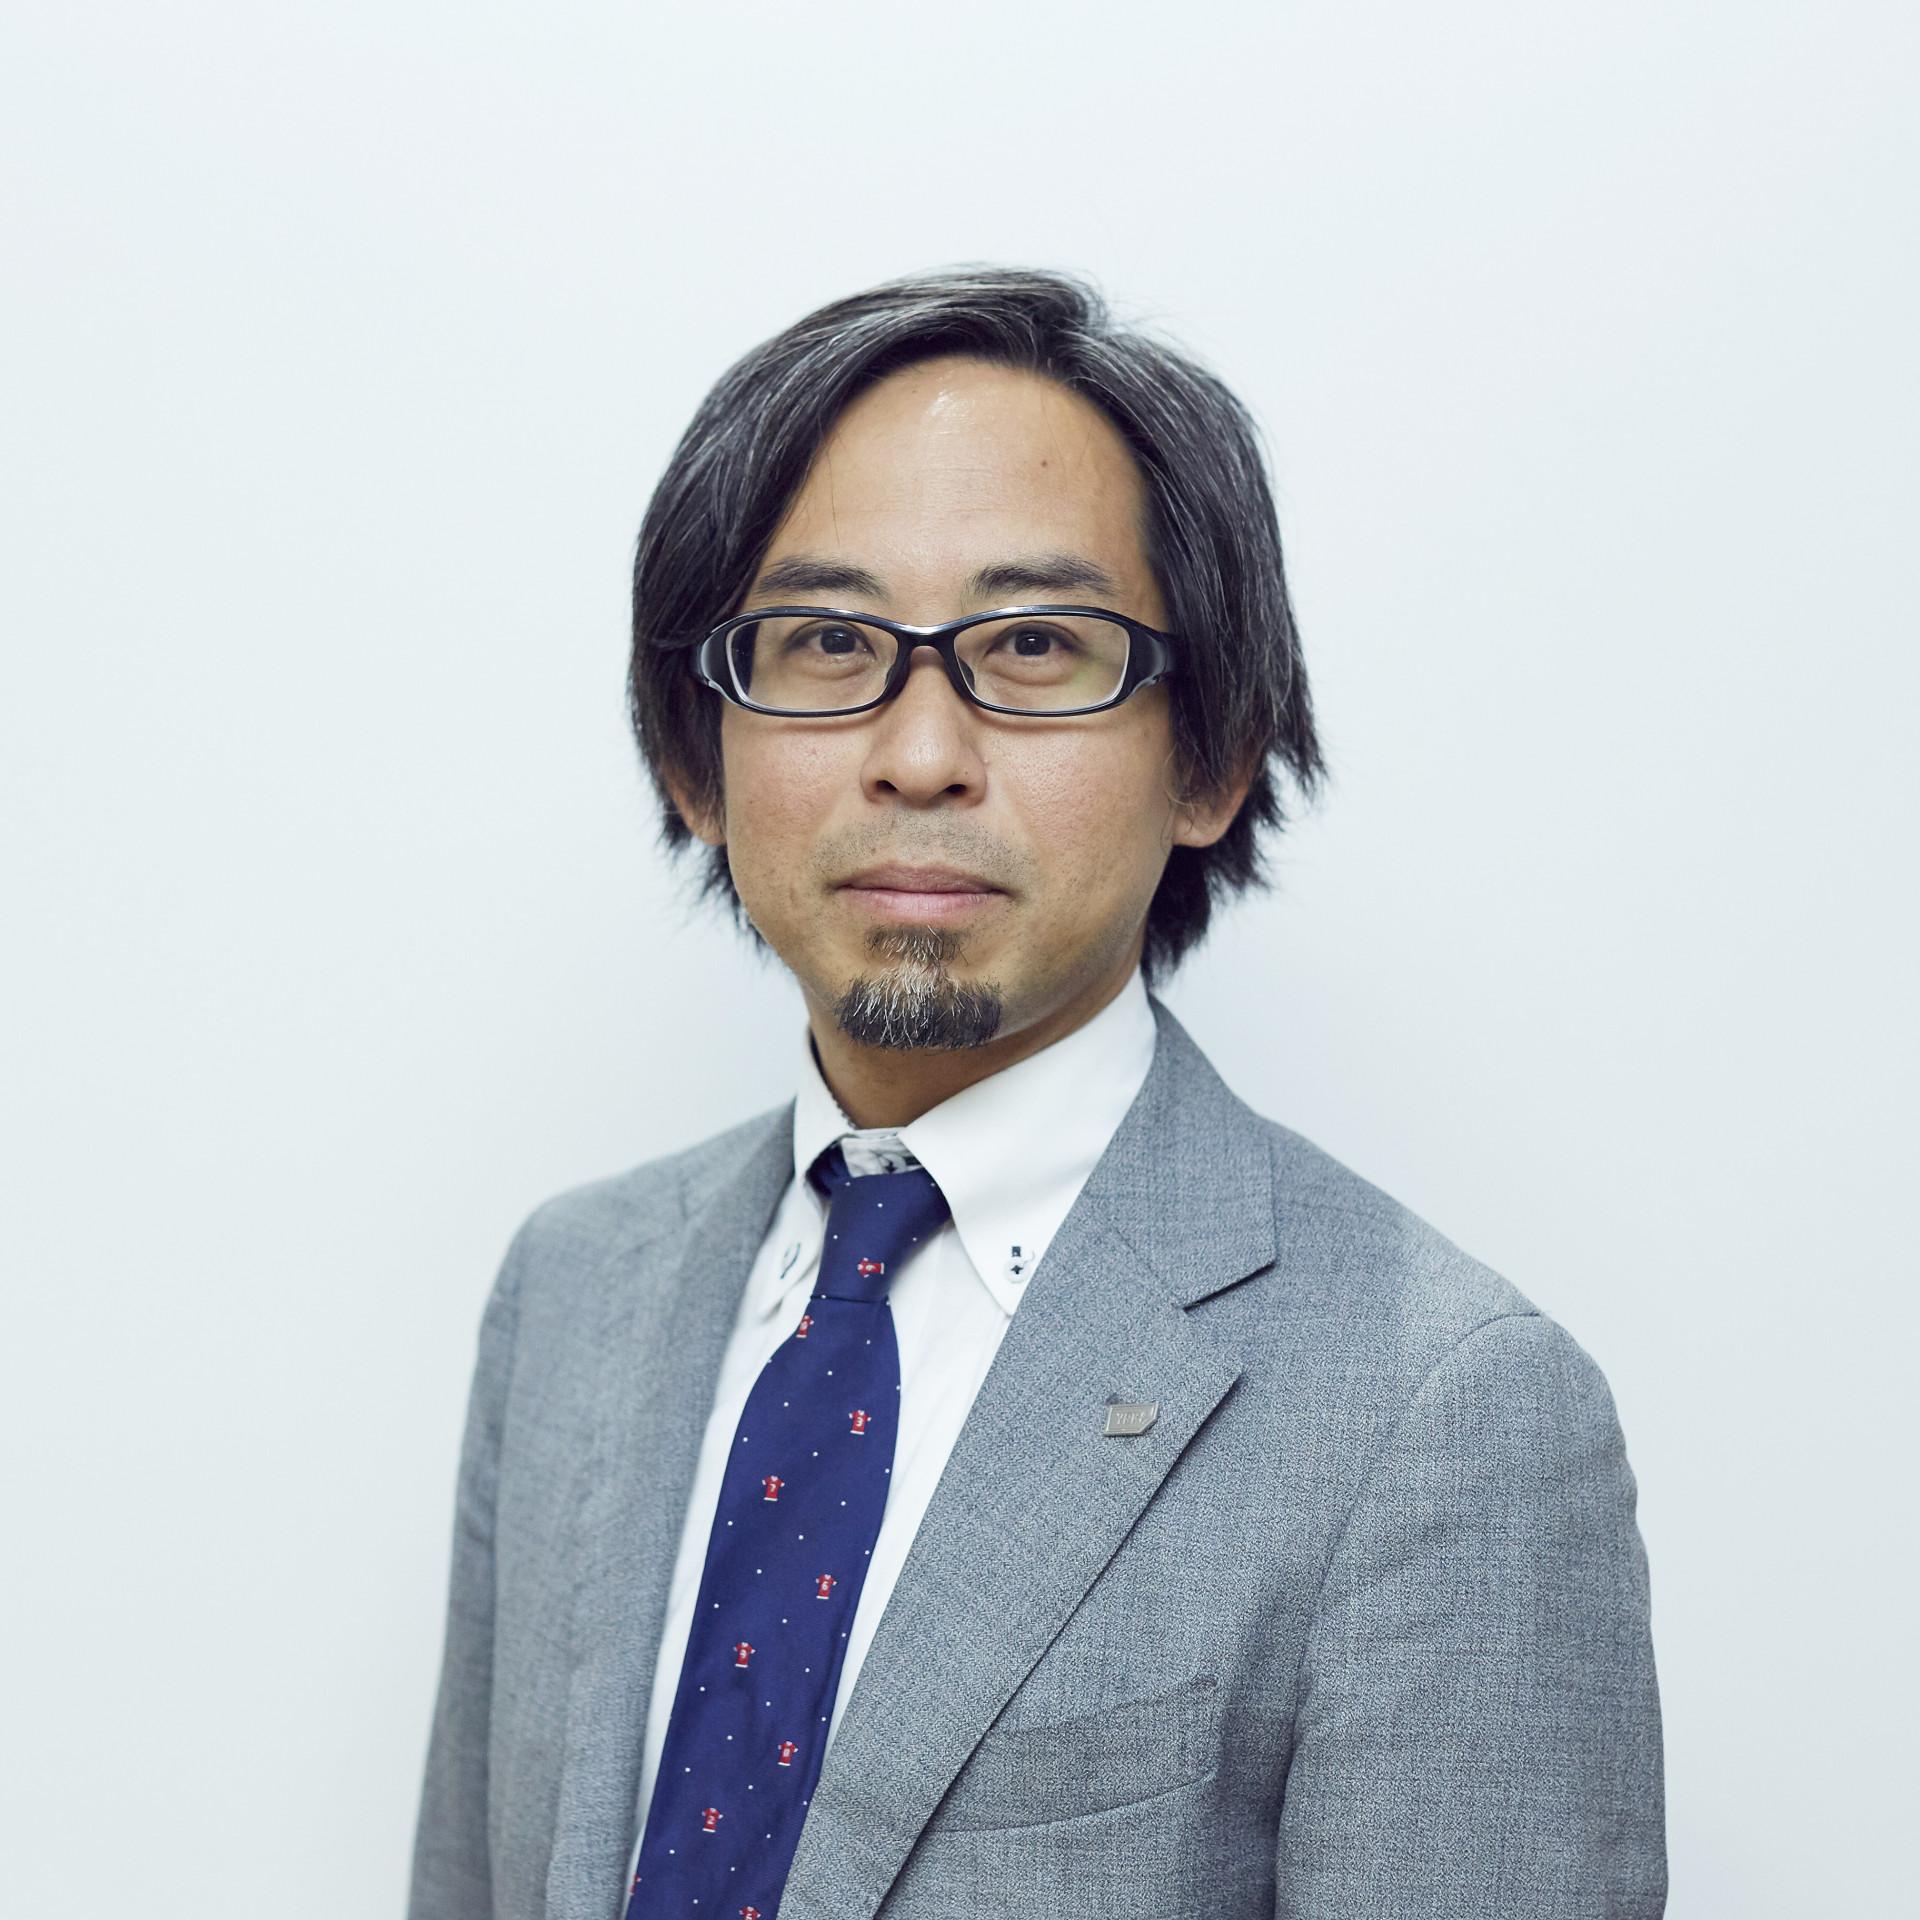 コミュニケーションデザインユニット 木村 昌紘 Kimura  Masahiro